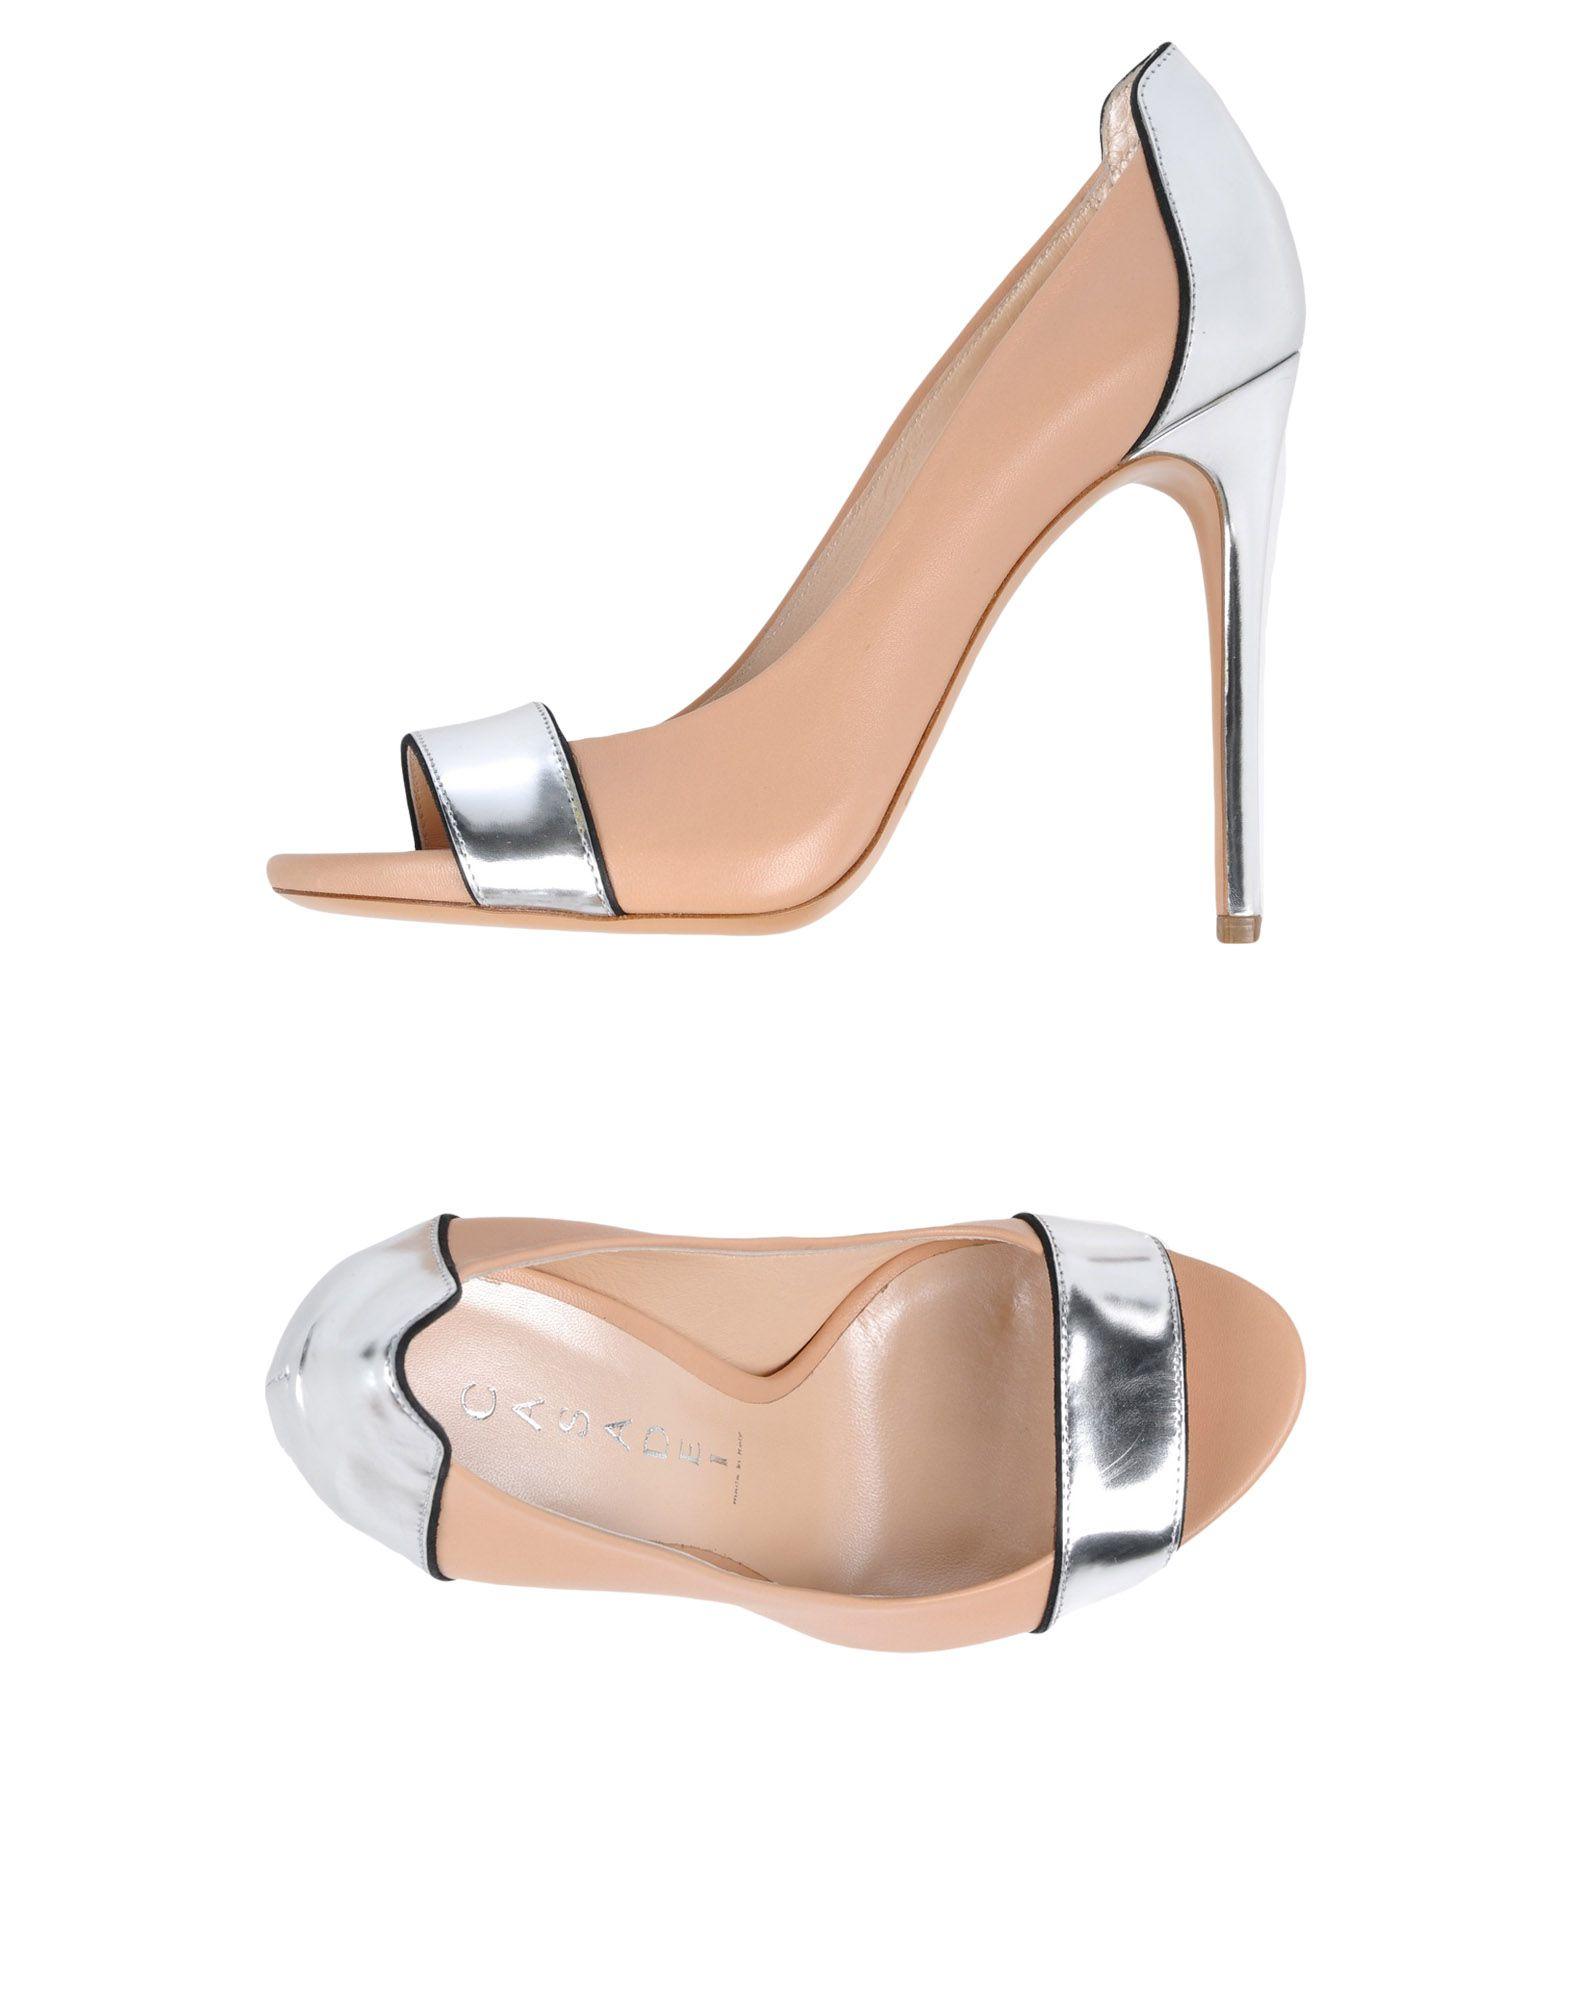 Rabatt Schuhe Pumps Casadei Pumps Schuhe Damen  11475777UX 81a4e5